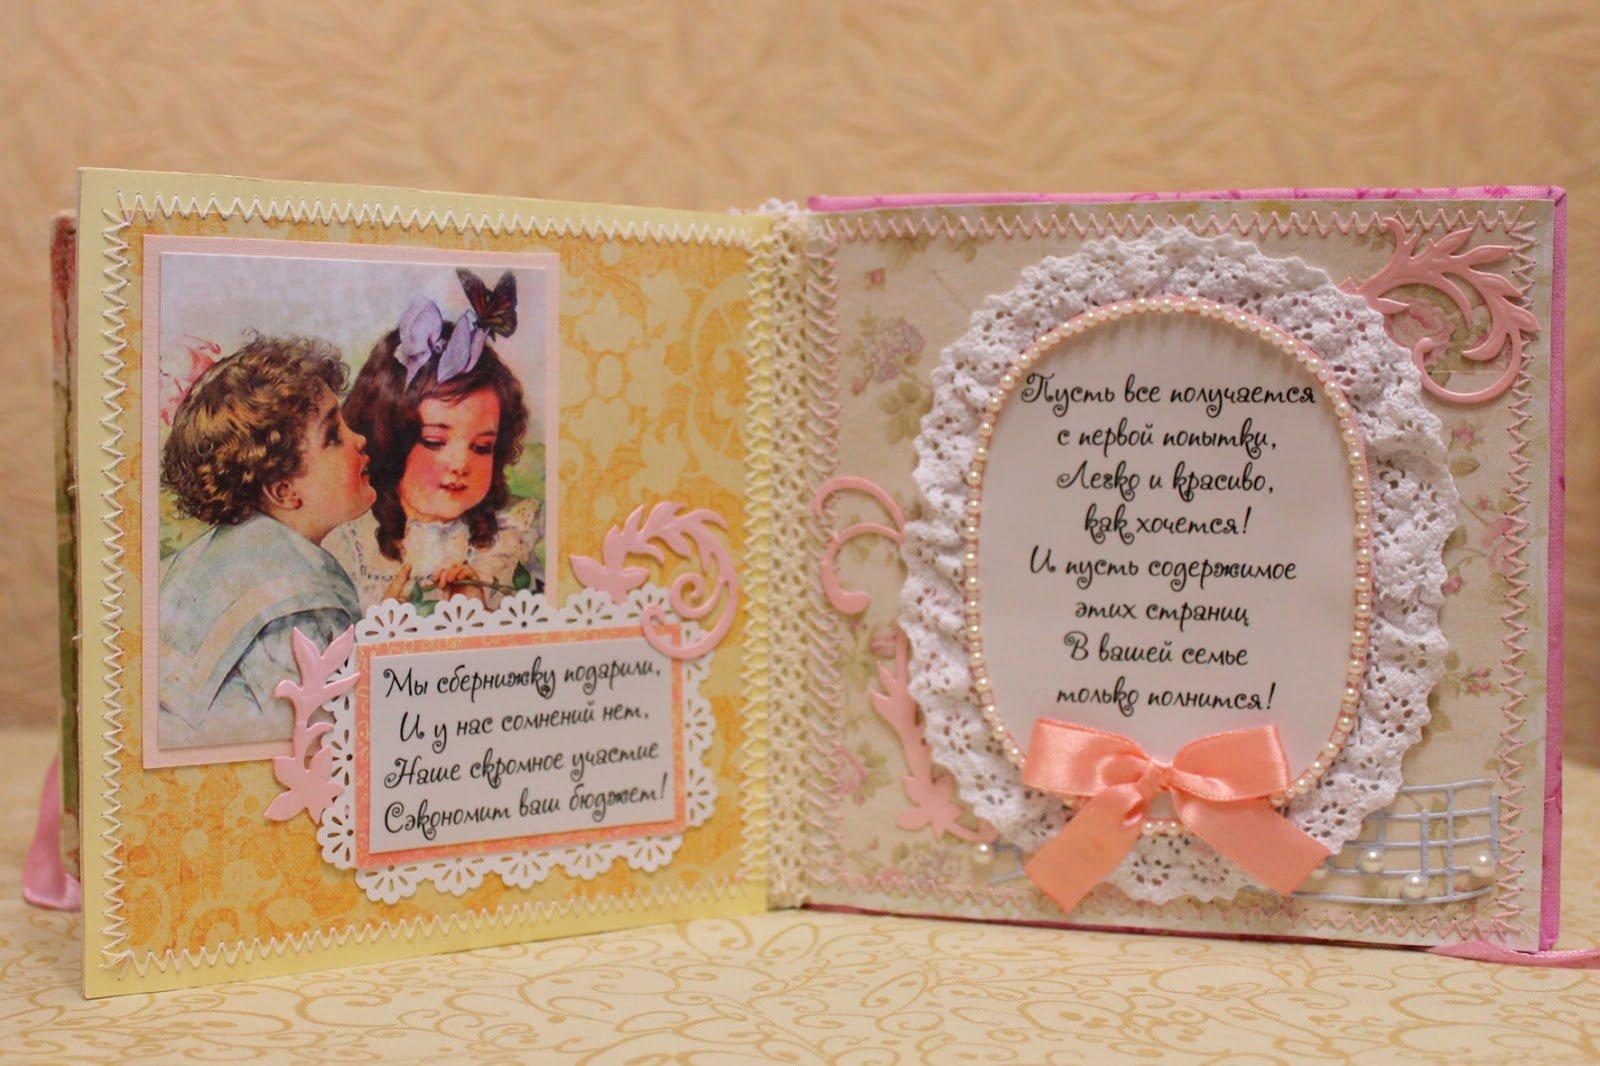 Оригинальные и прикольные подарки на свадьбу молодоженам 15